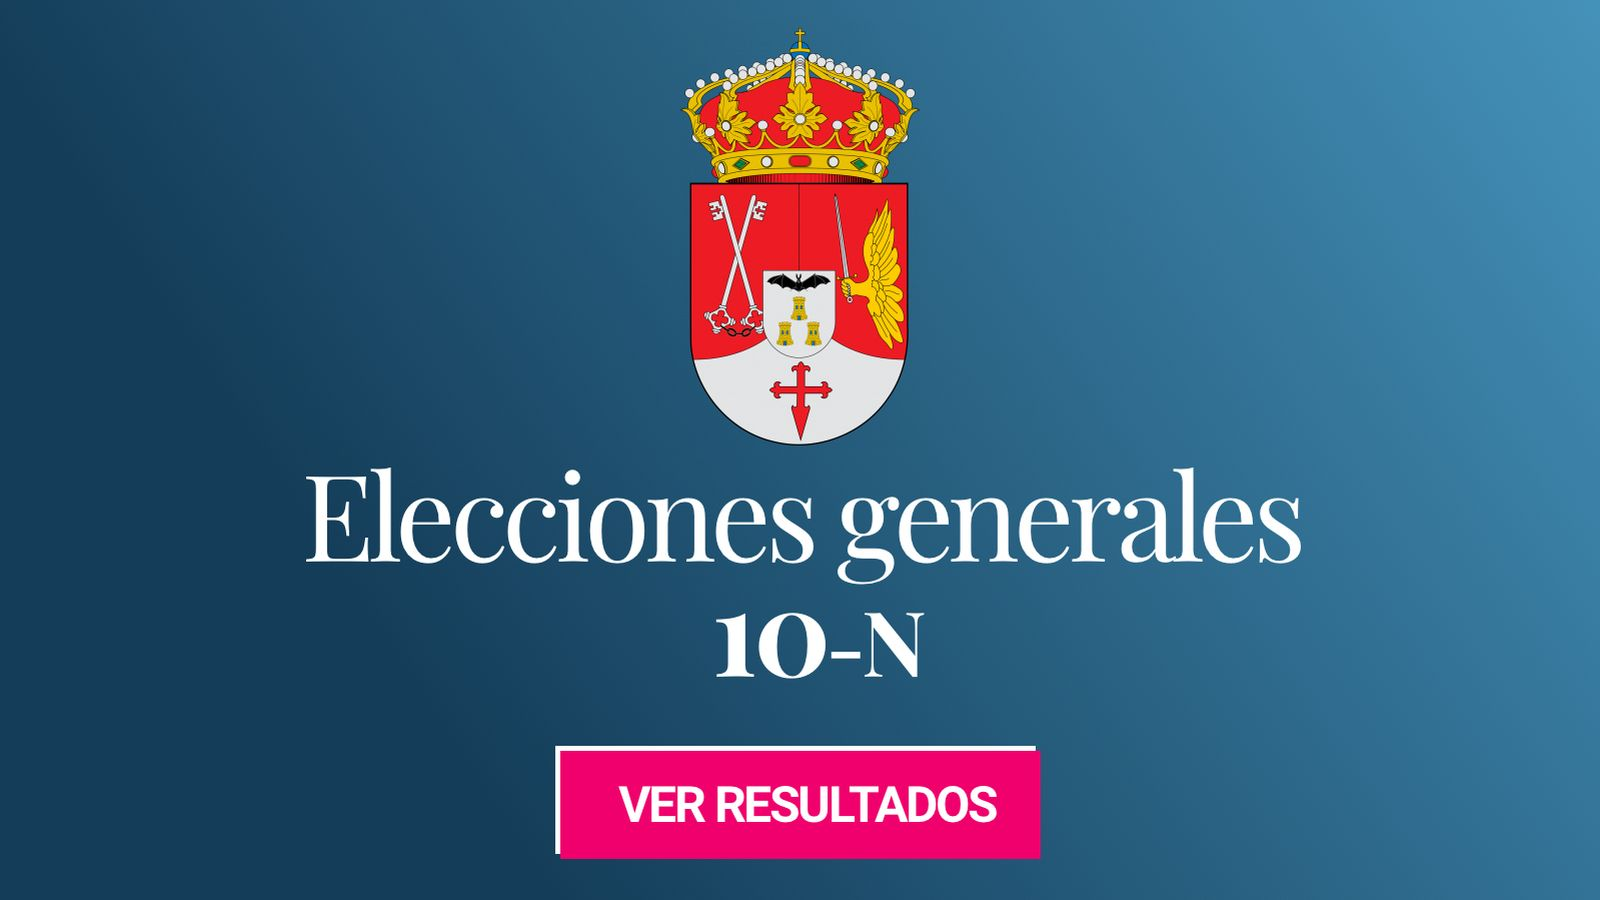 Foto: Elecciones generales 2019 en la provincia de Albacete. (C.C./SanchoPanzaXXI)